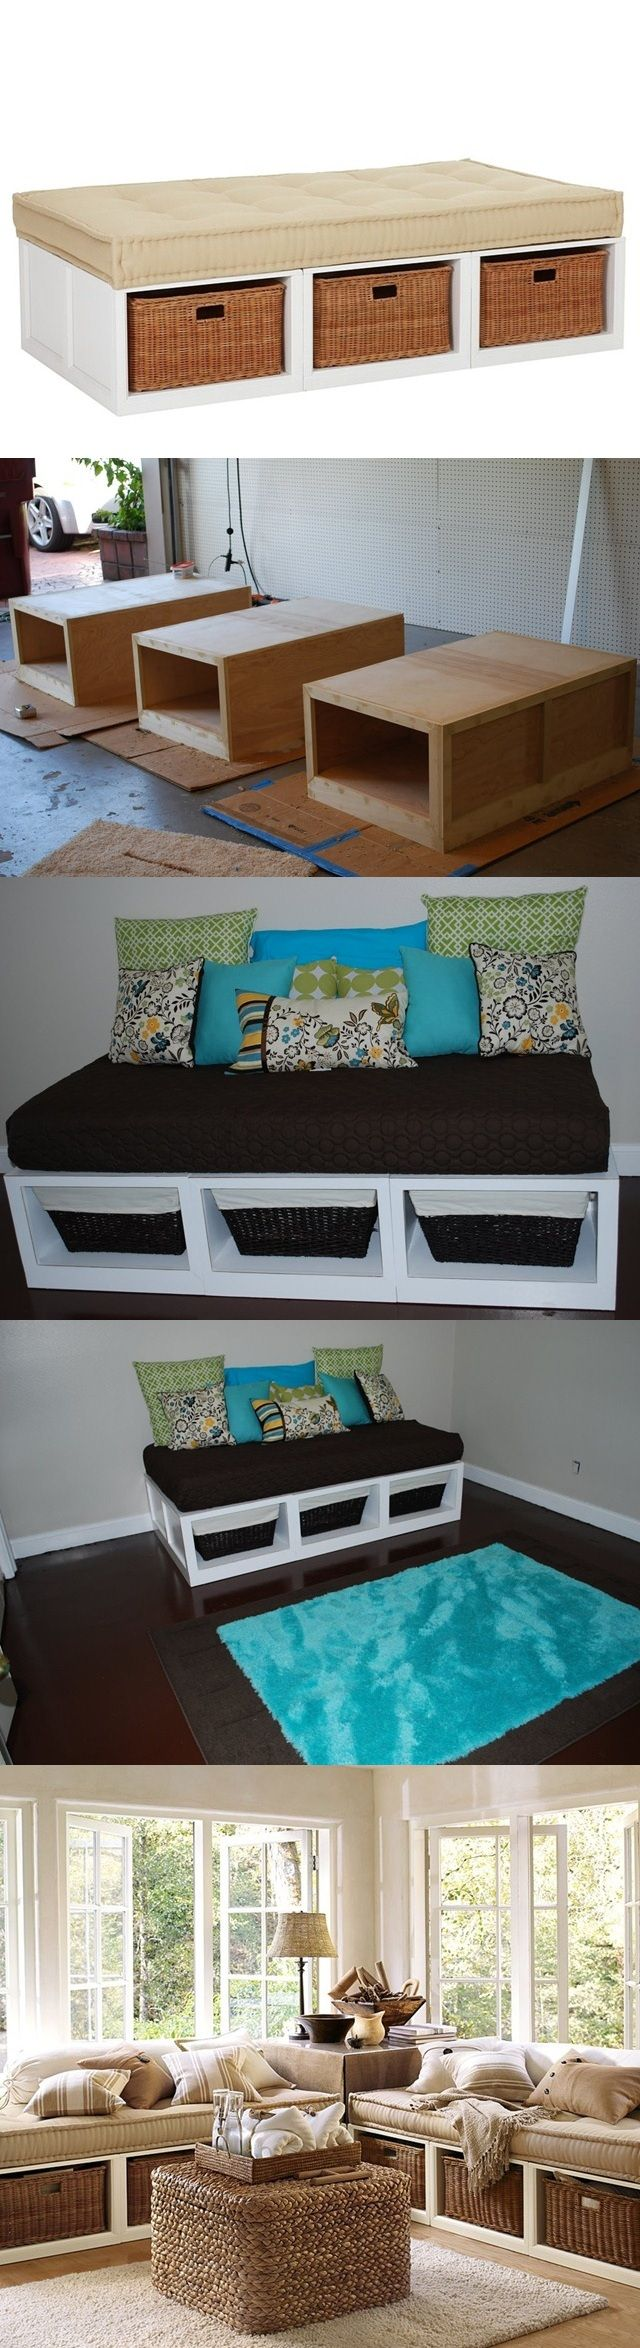 Como fazer um sofá.  Olhando revistas casa interiores e catálogos de móveis, vê o sofá para a sala de estar, que é um quadro com colchão. É muito prático, é lindo, mas é caro. Pode fazer o seu próprio! É bastante simples.  A base do sofá - uma armação de duas guias e algumas cruzes. Se olhar melhor, são caixas unidas.  Você precisa de madeira (largura mínima 12 mm). Desenhe o futuro sofá, e por sua própria escala fazer três caixas de compensado.  Pintá-las. Fixá-las juntas, colocar um…